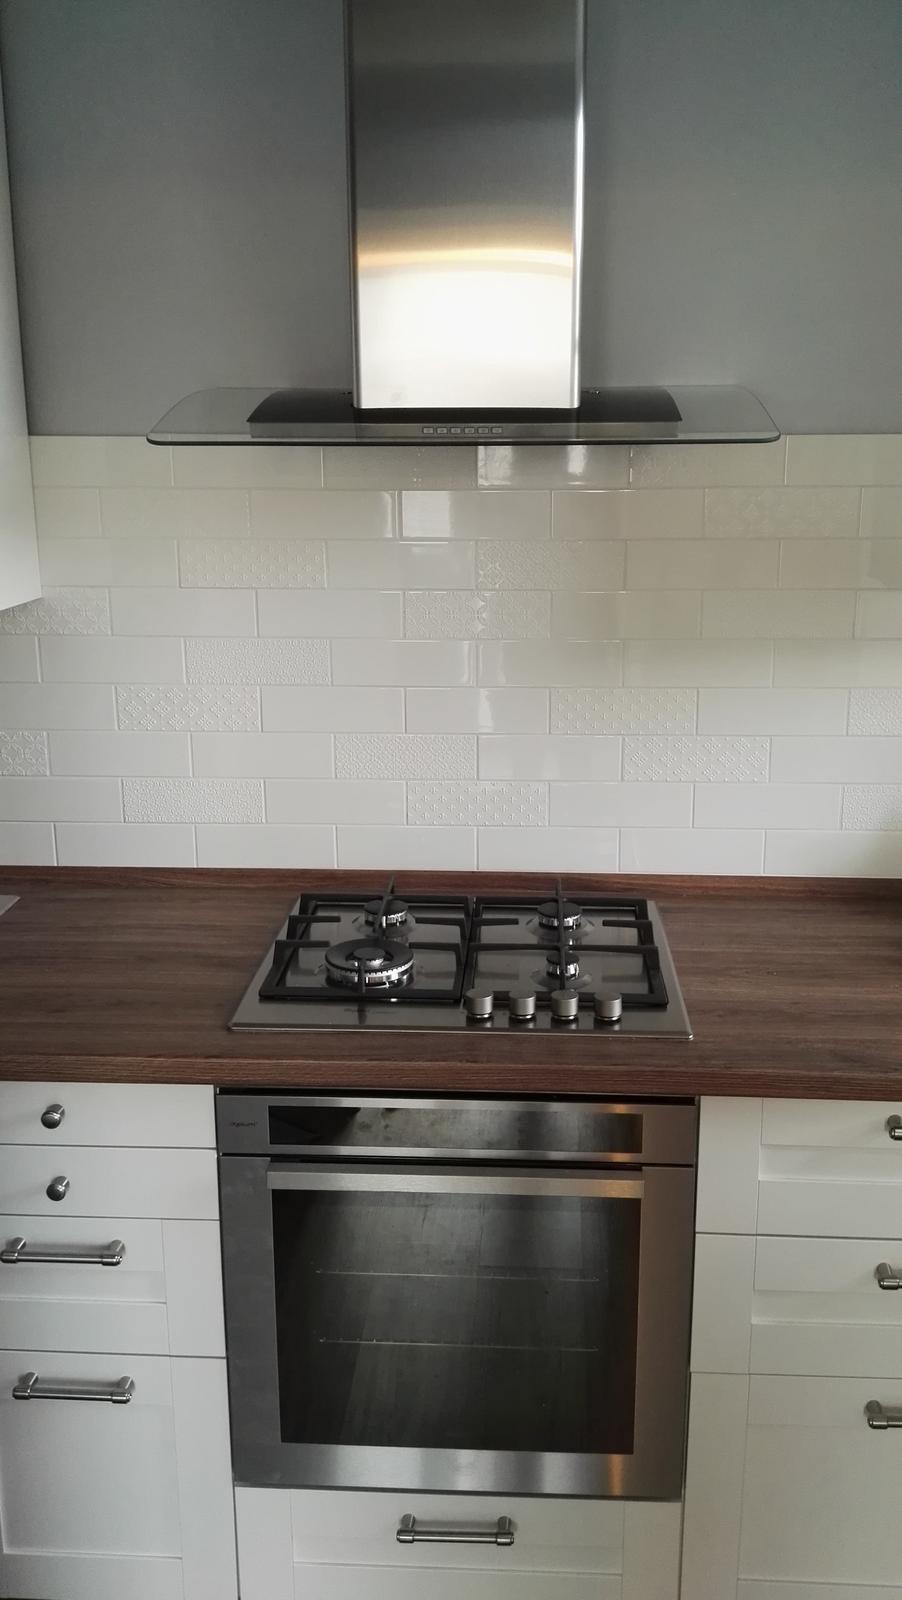 Projekt: Nové bývanie ... - ...kuchyňa stále v procese  :-/ ...